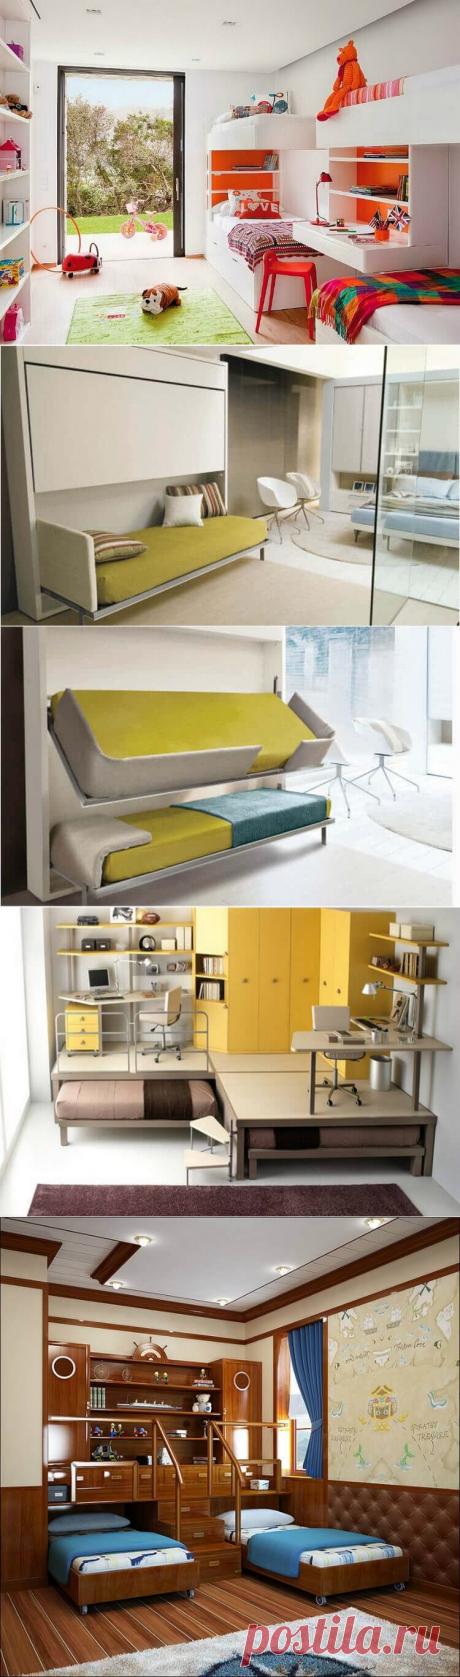 19 замечательных кроватей и спален для больших семей и крохотных пространств